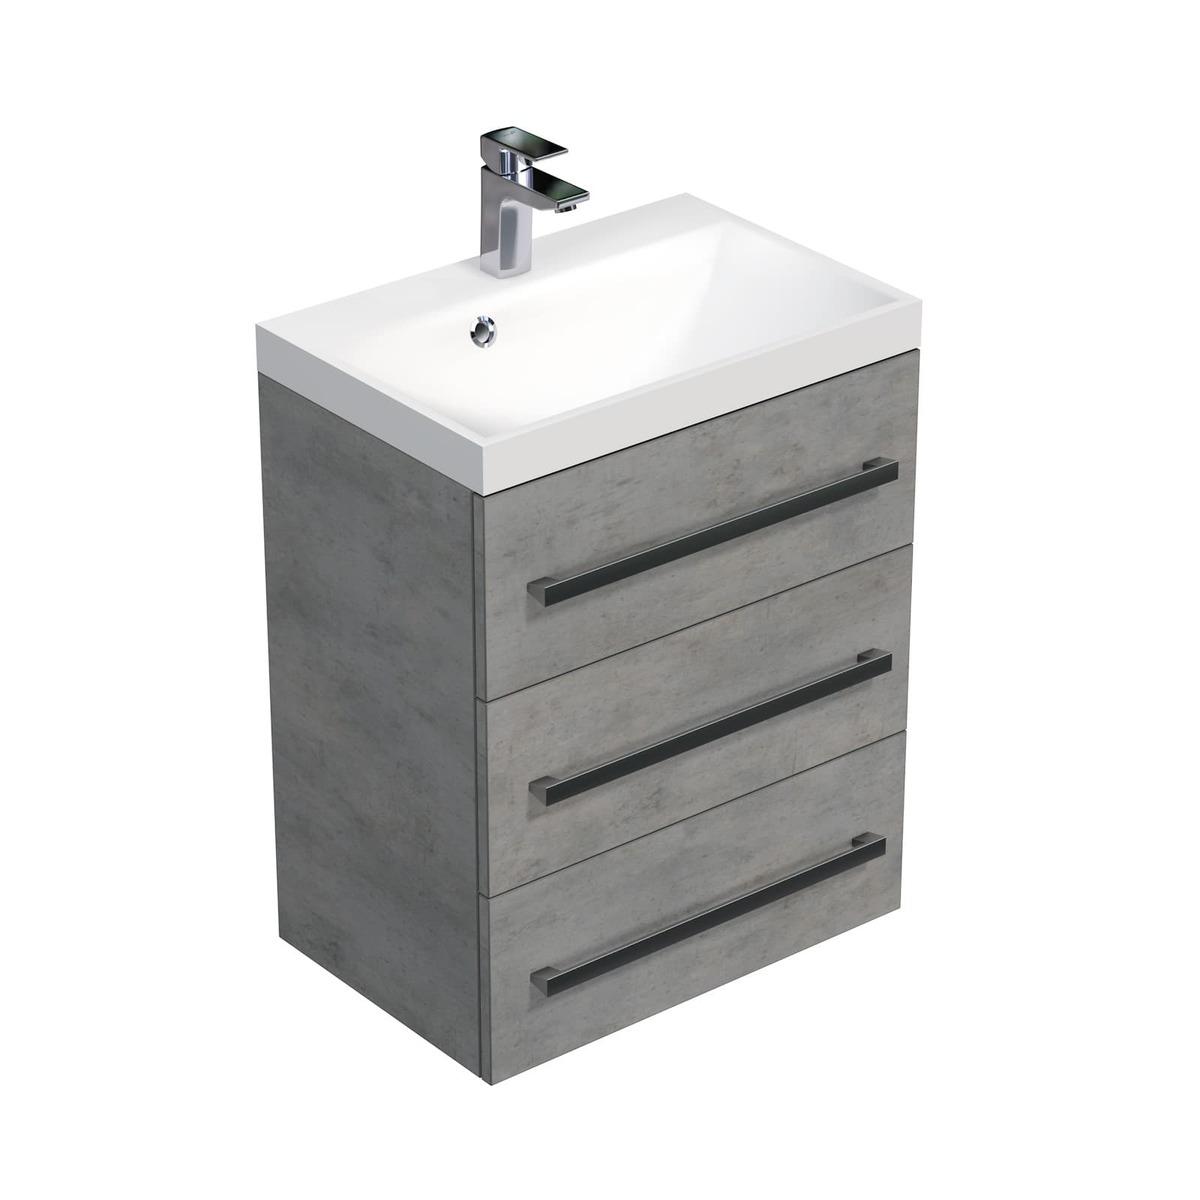 Koupelnová skříňka s umyvadlem Naturel Cube Way 60x76,5x40 cm beton CUBE2603BE